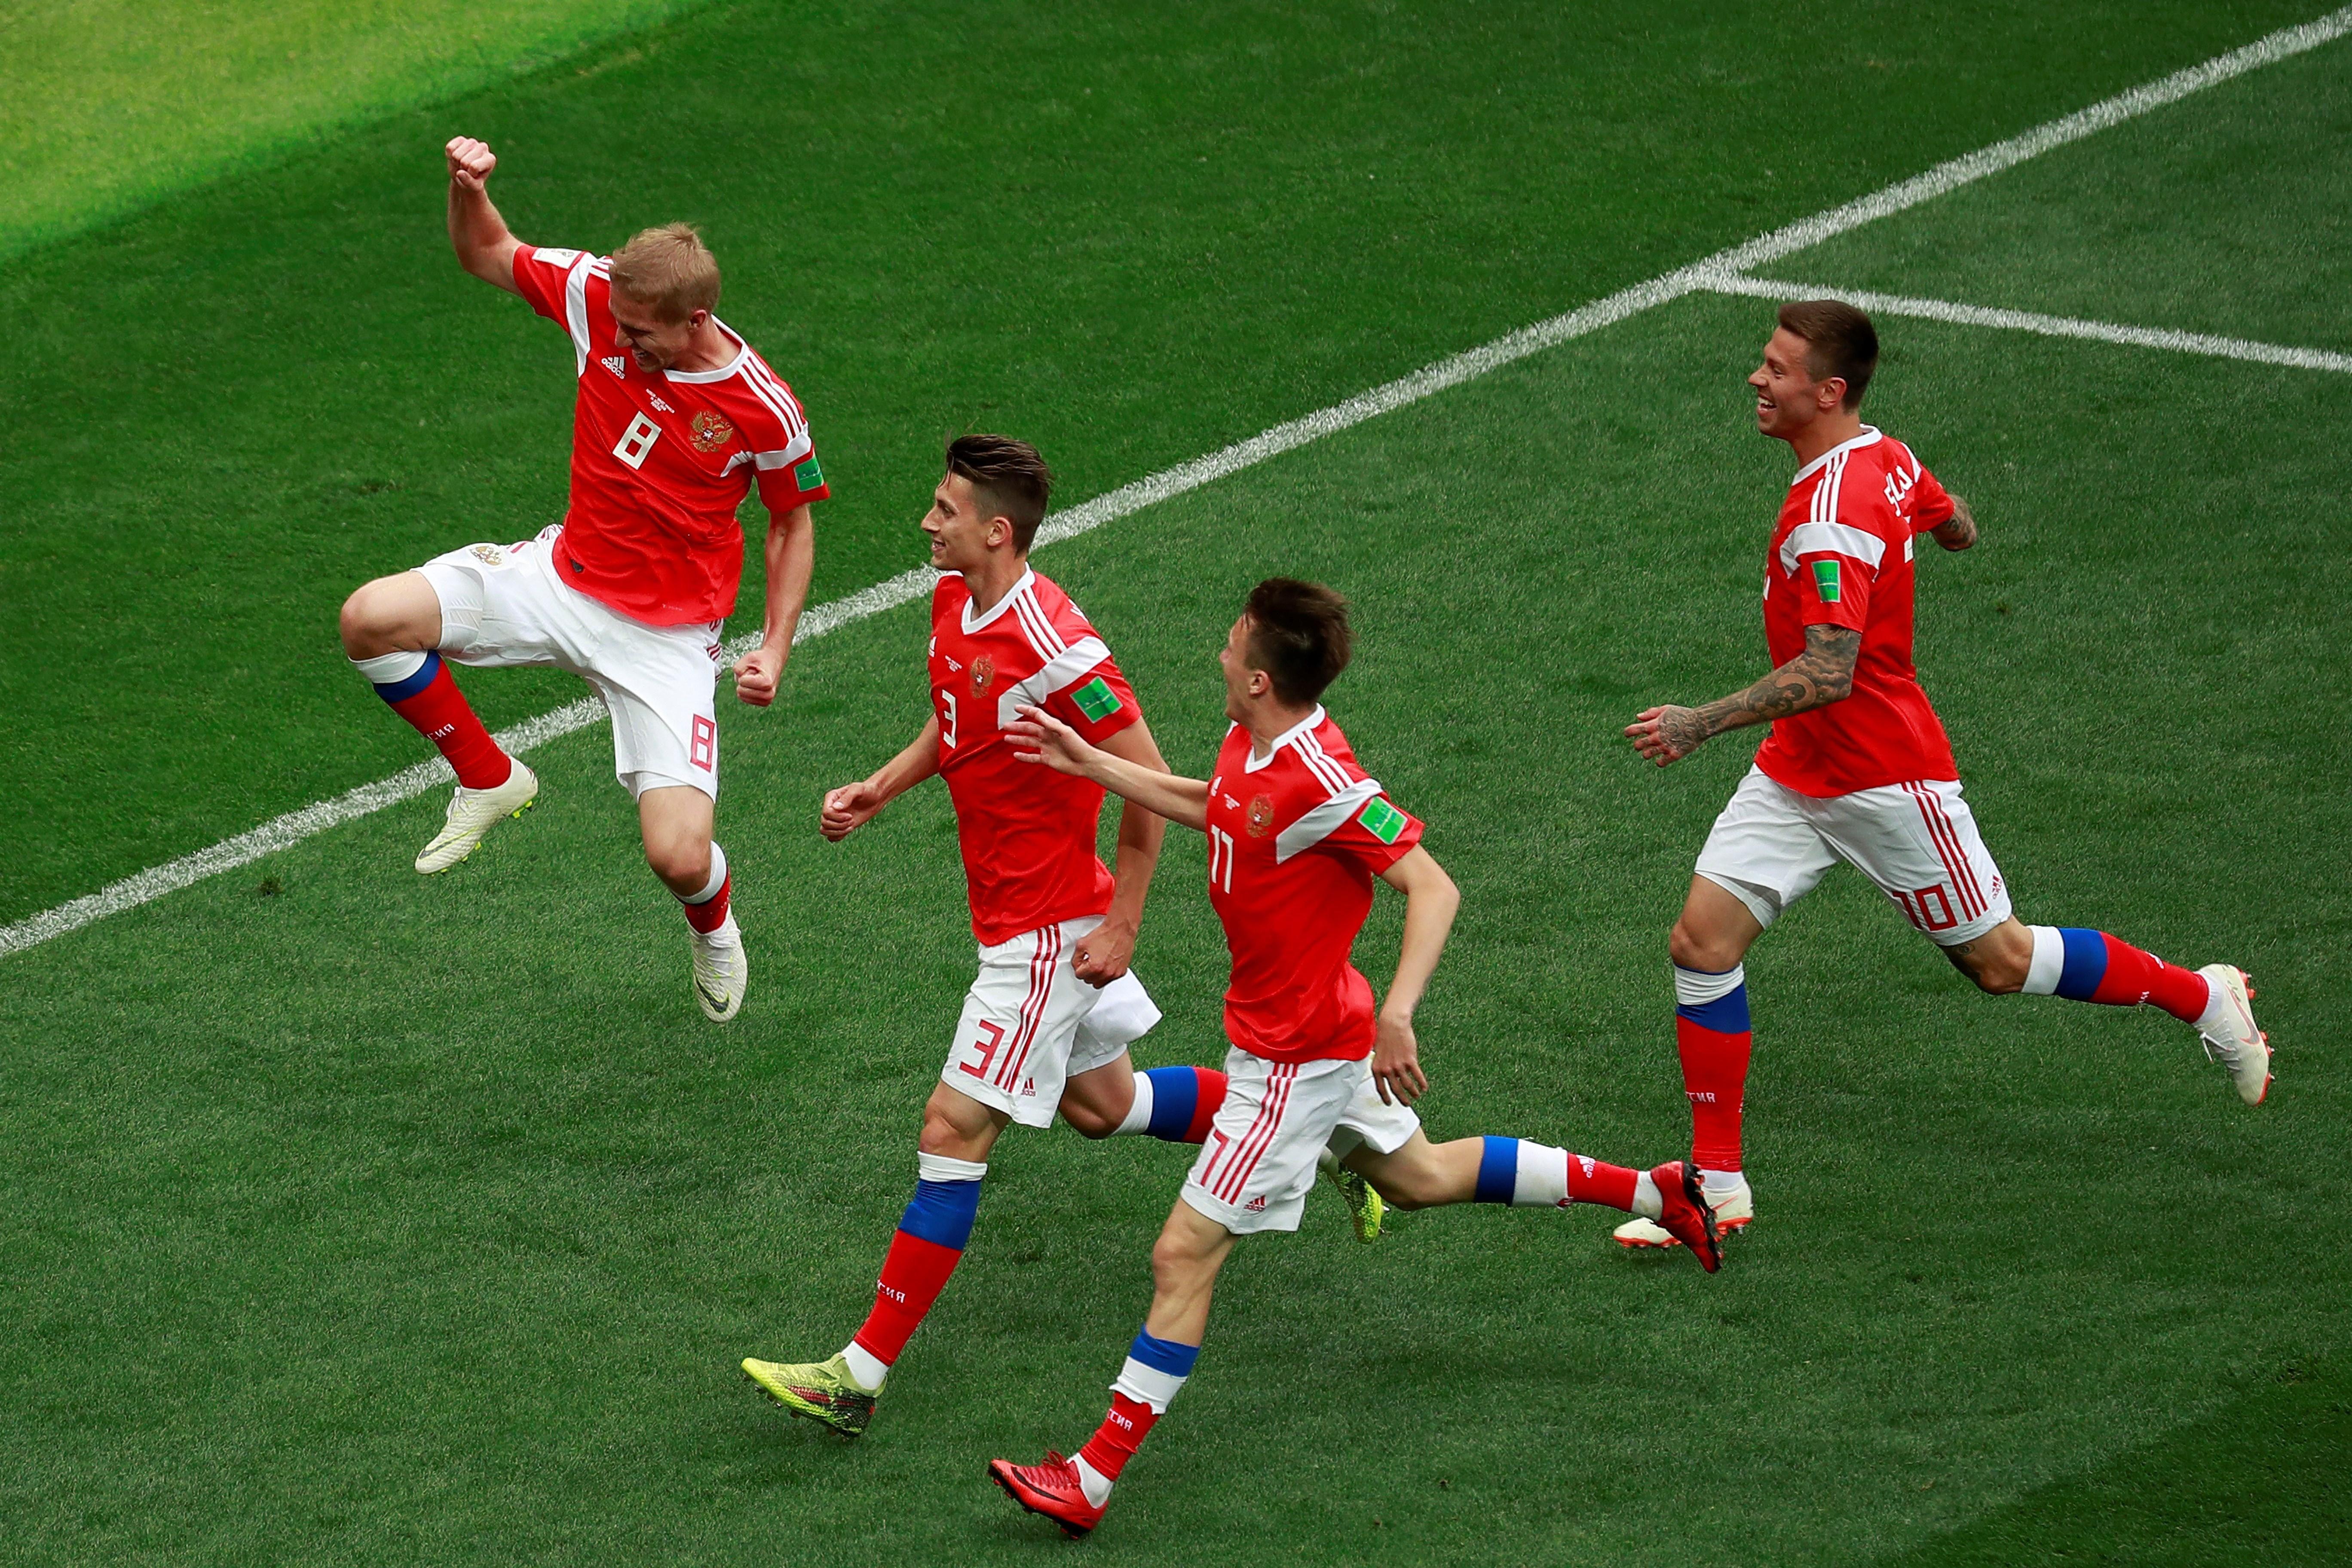 Rusia va por la clasificación. Foto: EFE